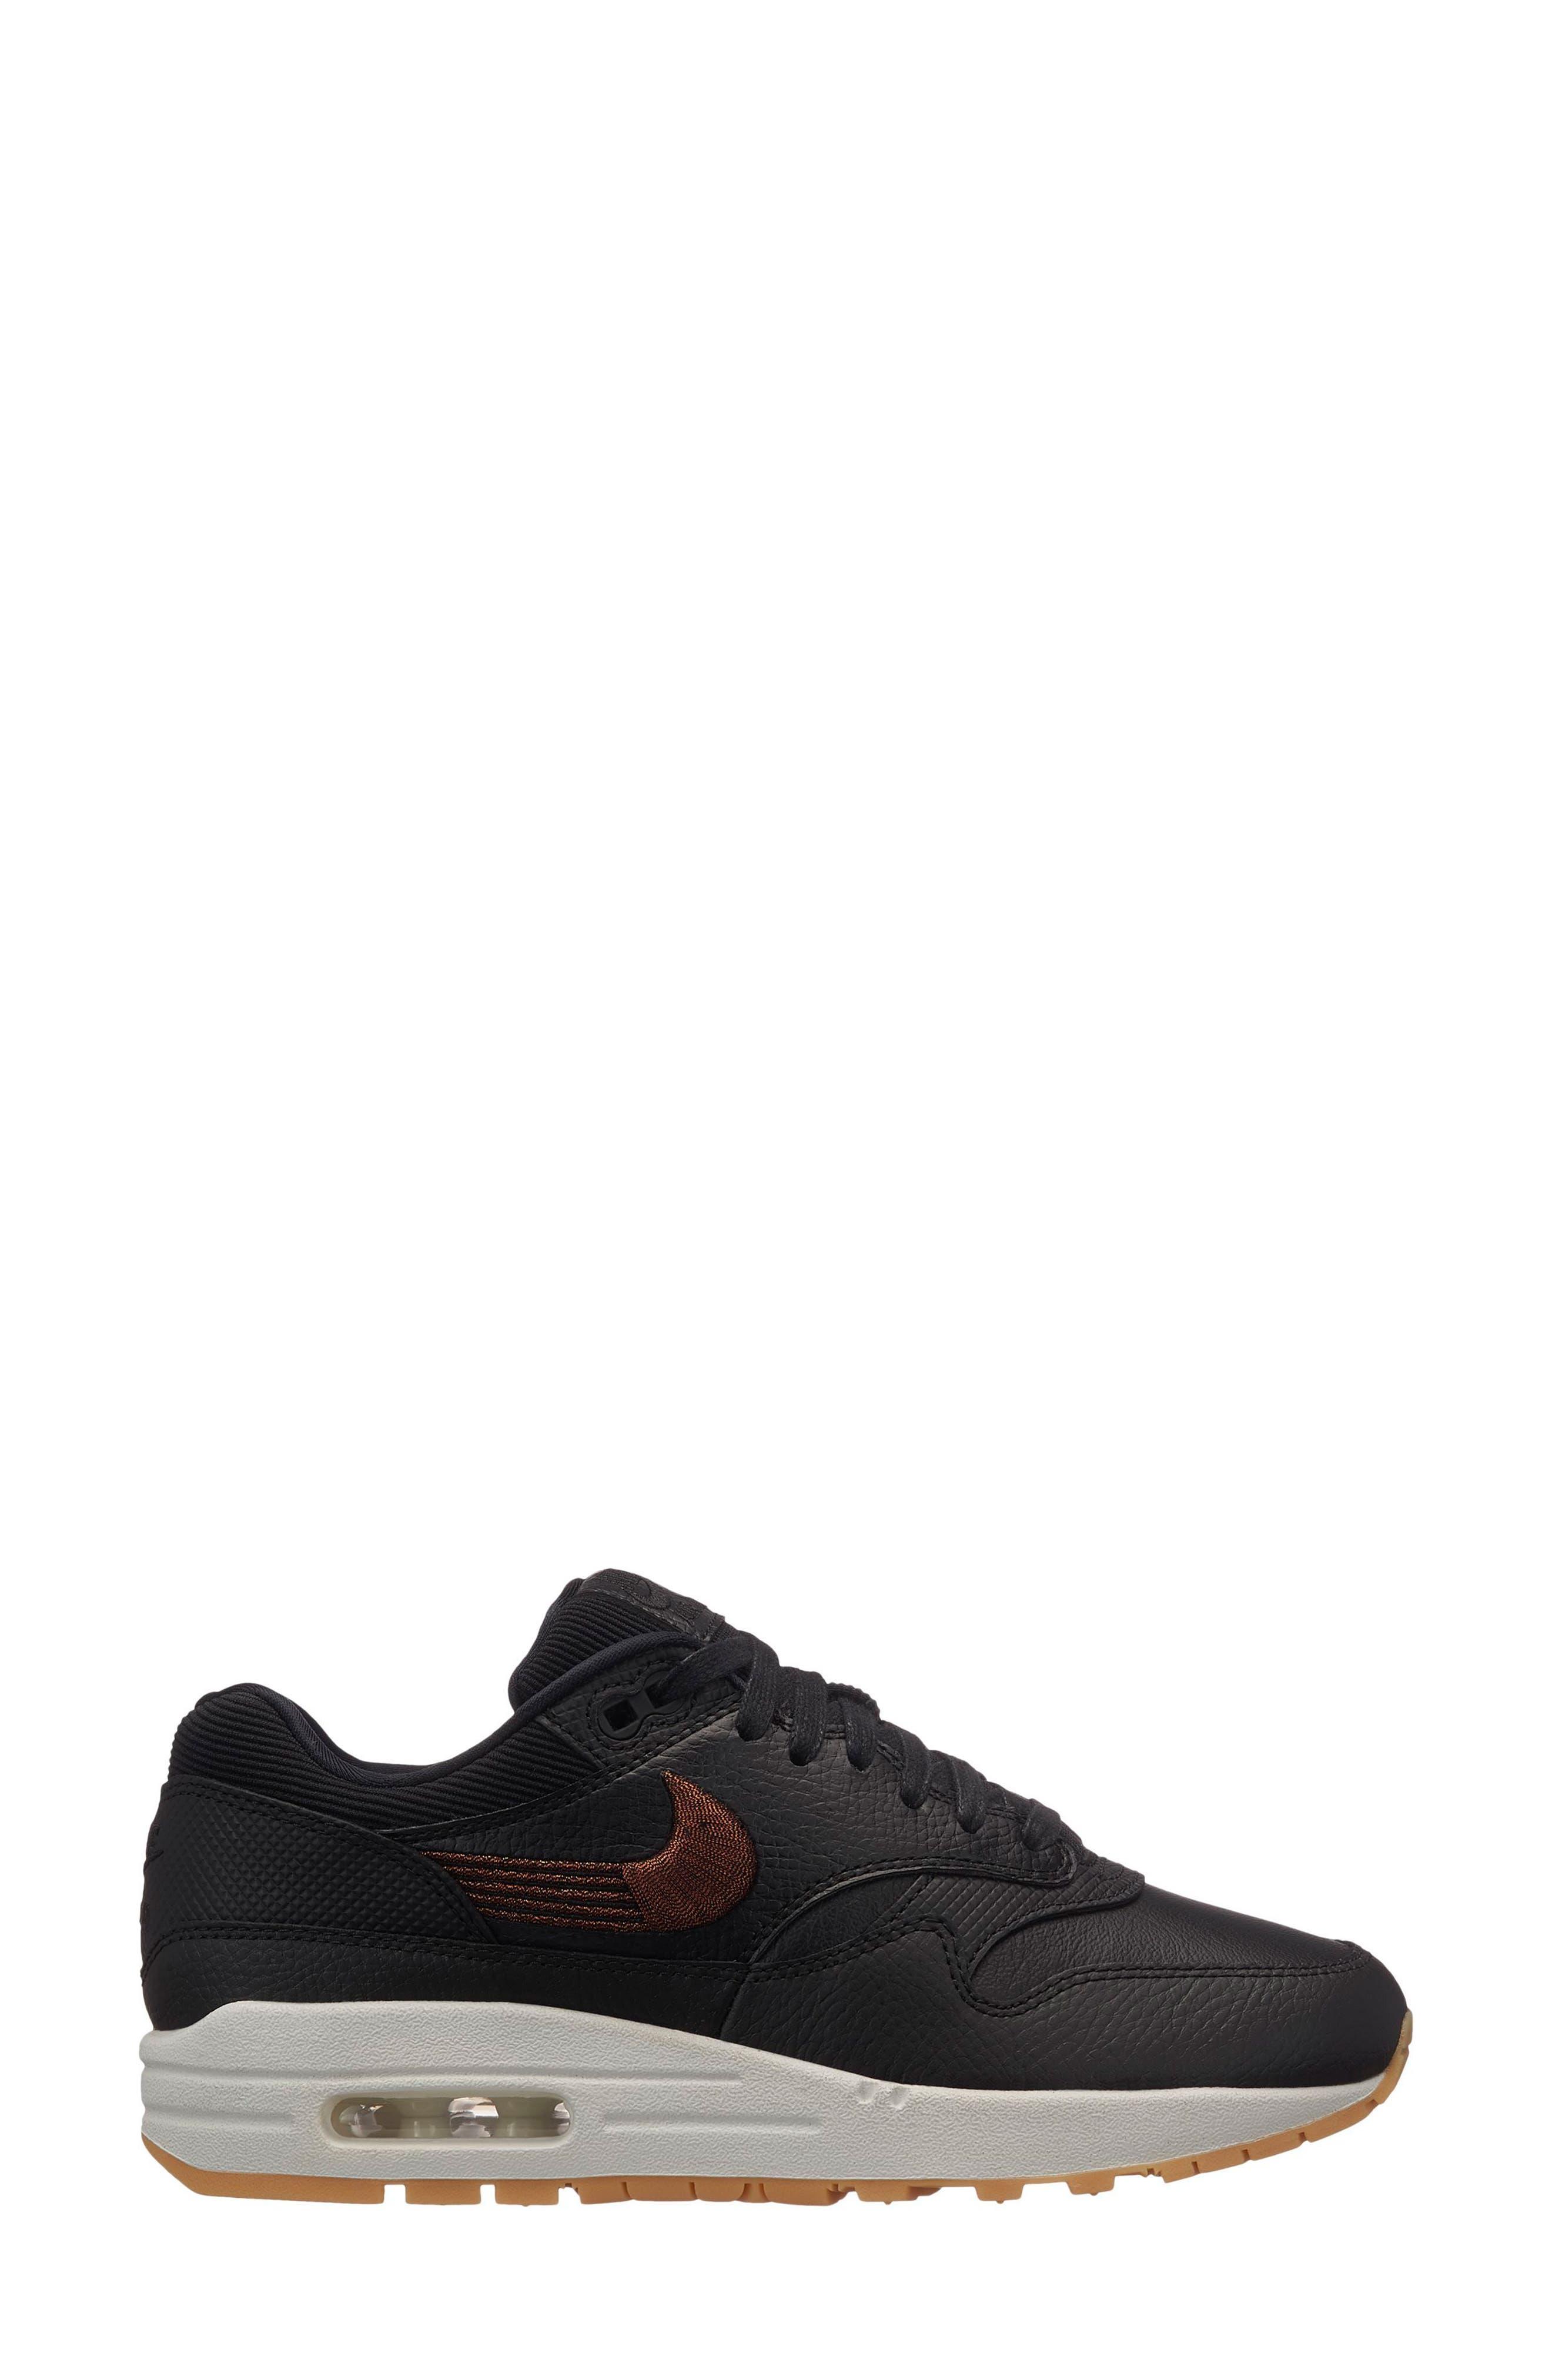 Air Max 1 Premium Sneaker,                             Alternate thumbnail 6, color,                             002